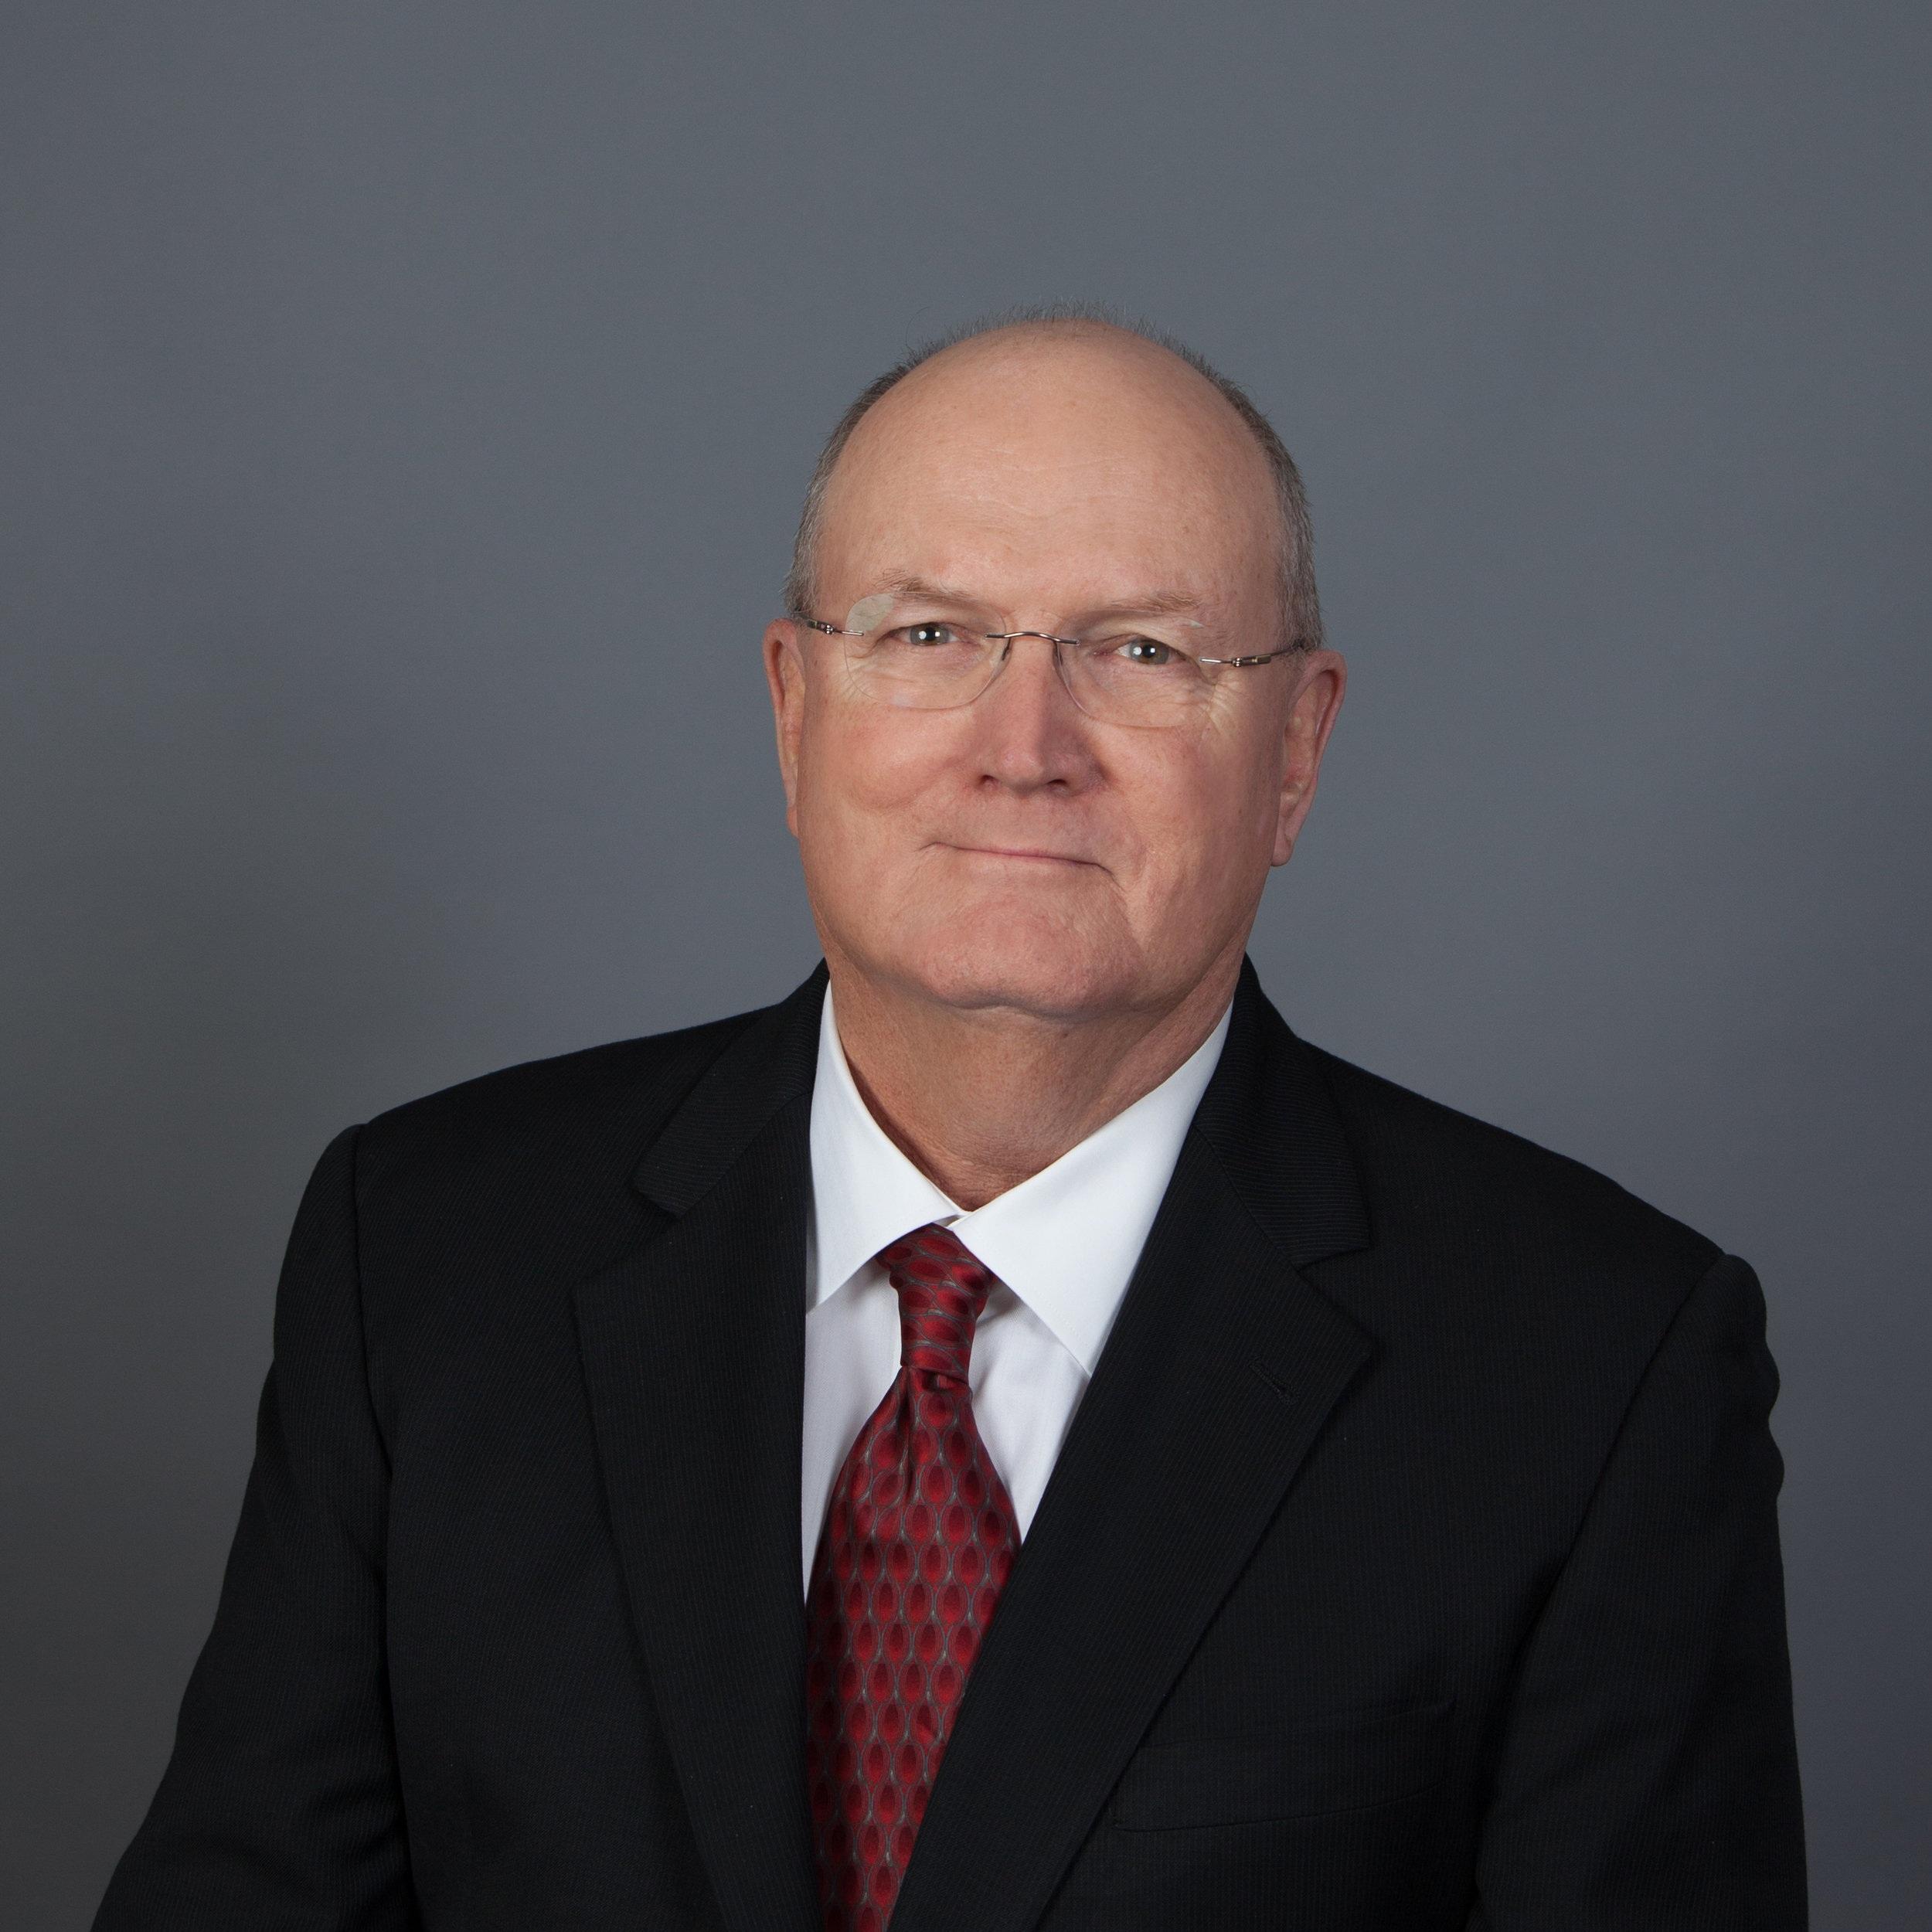 Thomas Pool, Ph.D., H.C.I.D.